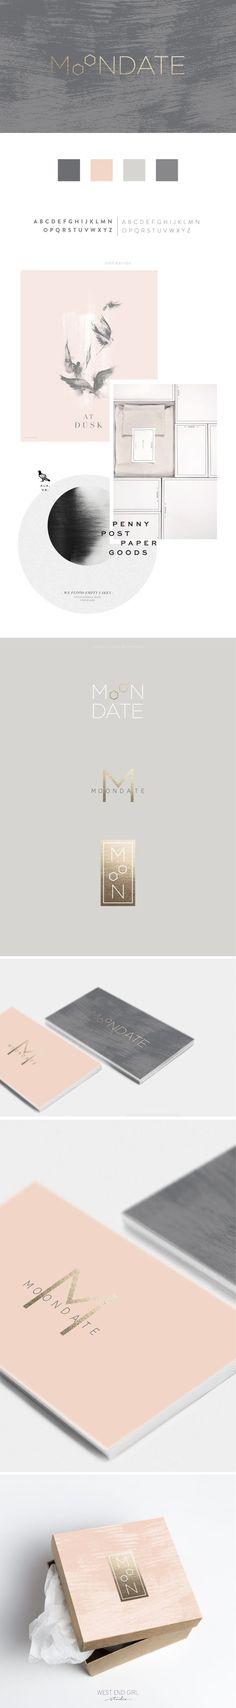 MOONDATE branding, gold foil, modern branding, minimal logo, simple logo, moon, clean modern logo. Clothing branding logo, branding.